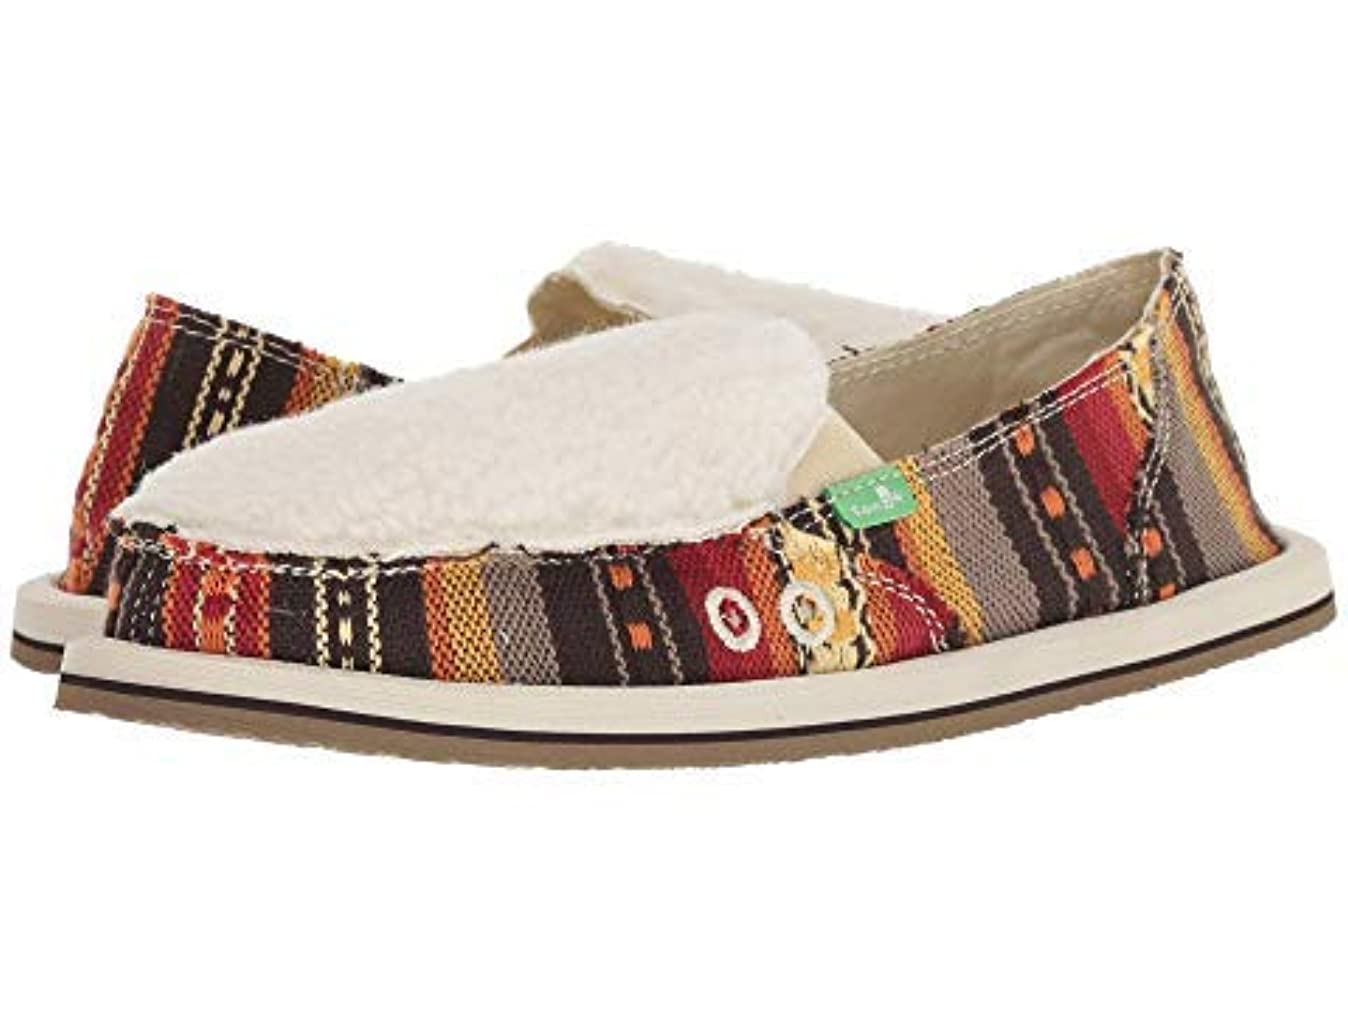 ライオネルグリーンストリートあらゆる種類のキリスト教レディースローファー?靴 Donna Sherpa Blanket Molten Lava Blanket (26cm) B - Medium [並行輸入品]